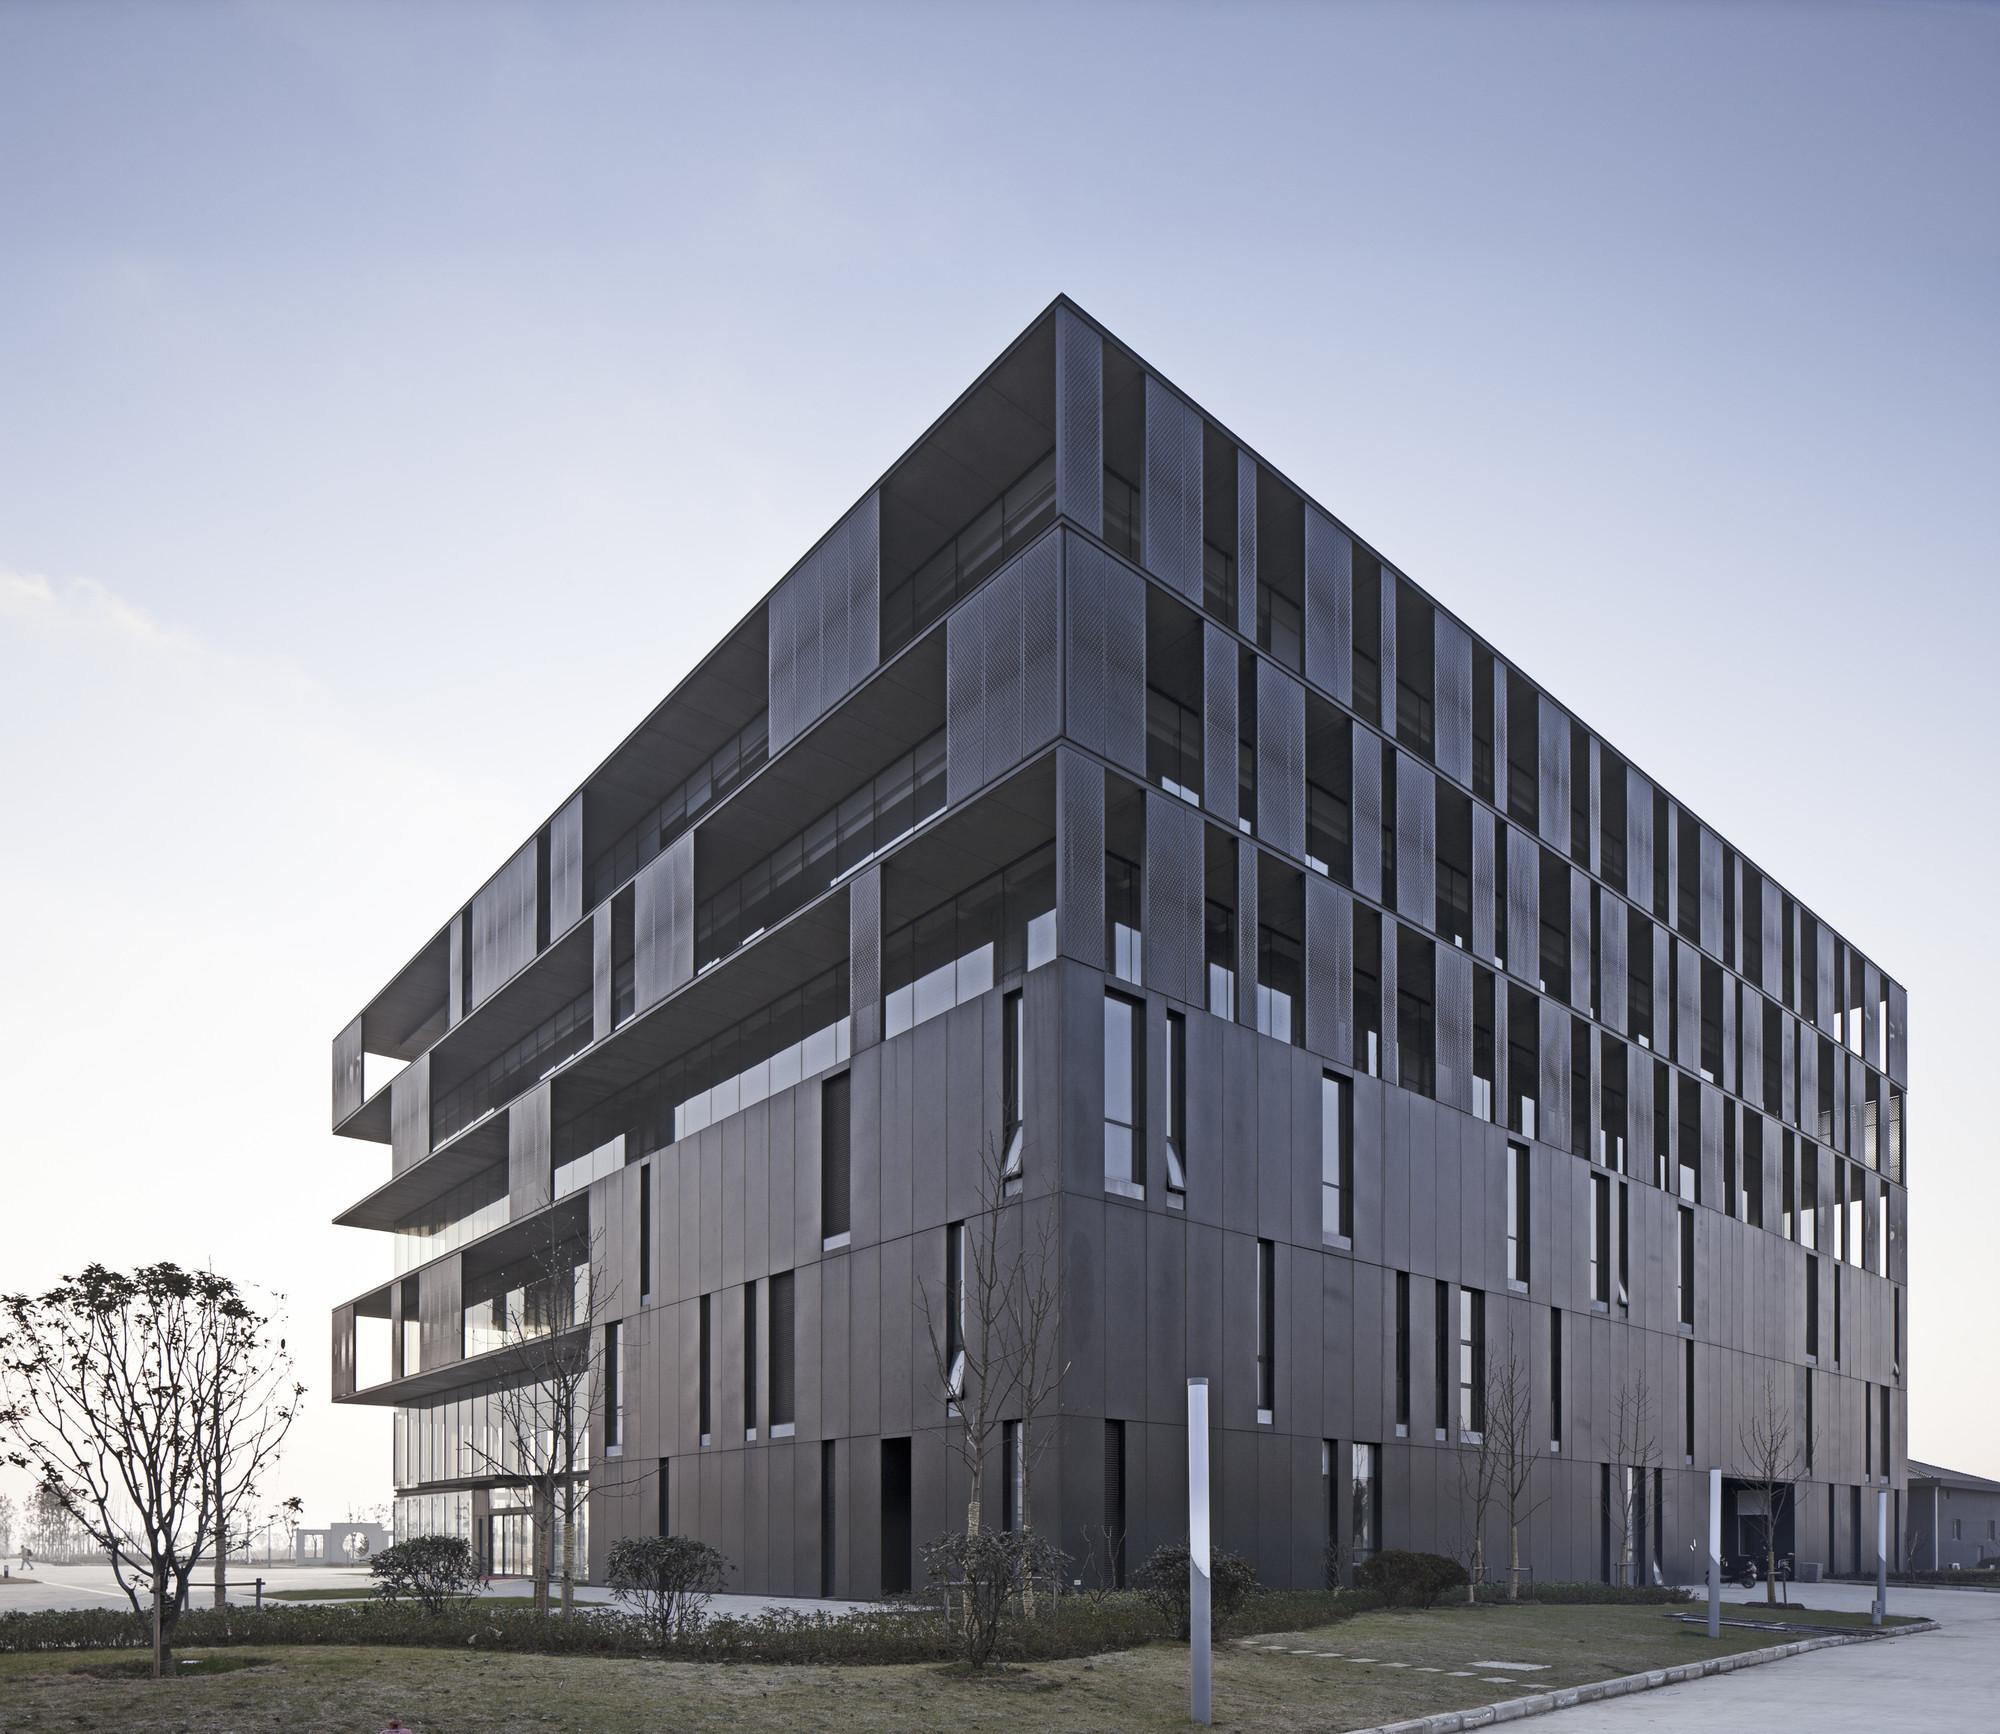 Wuxi Memsic Semiconductor Headquarter / UDG China, Courtesy of UDG China